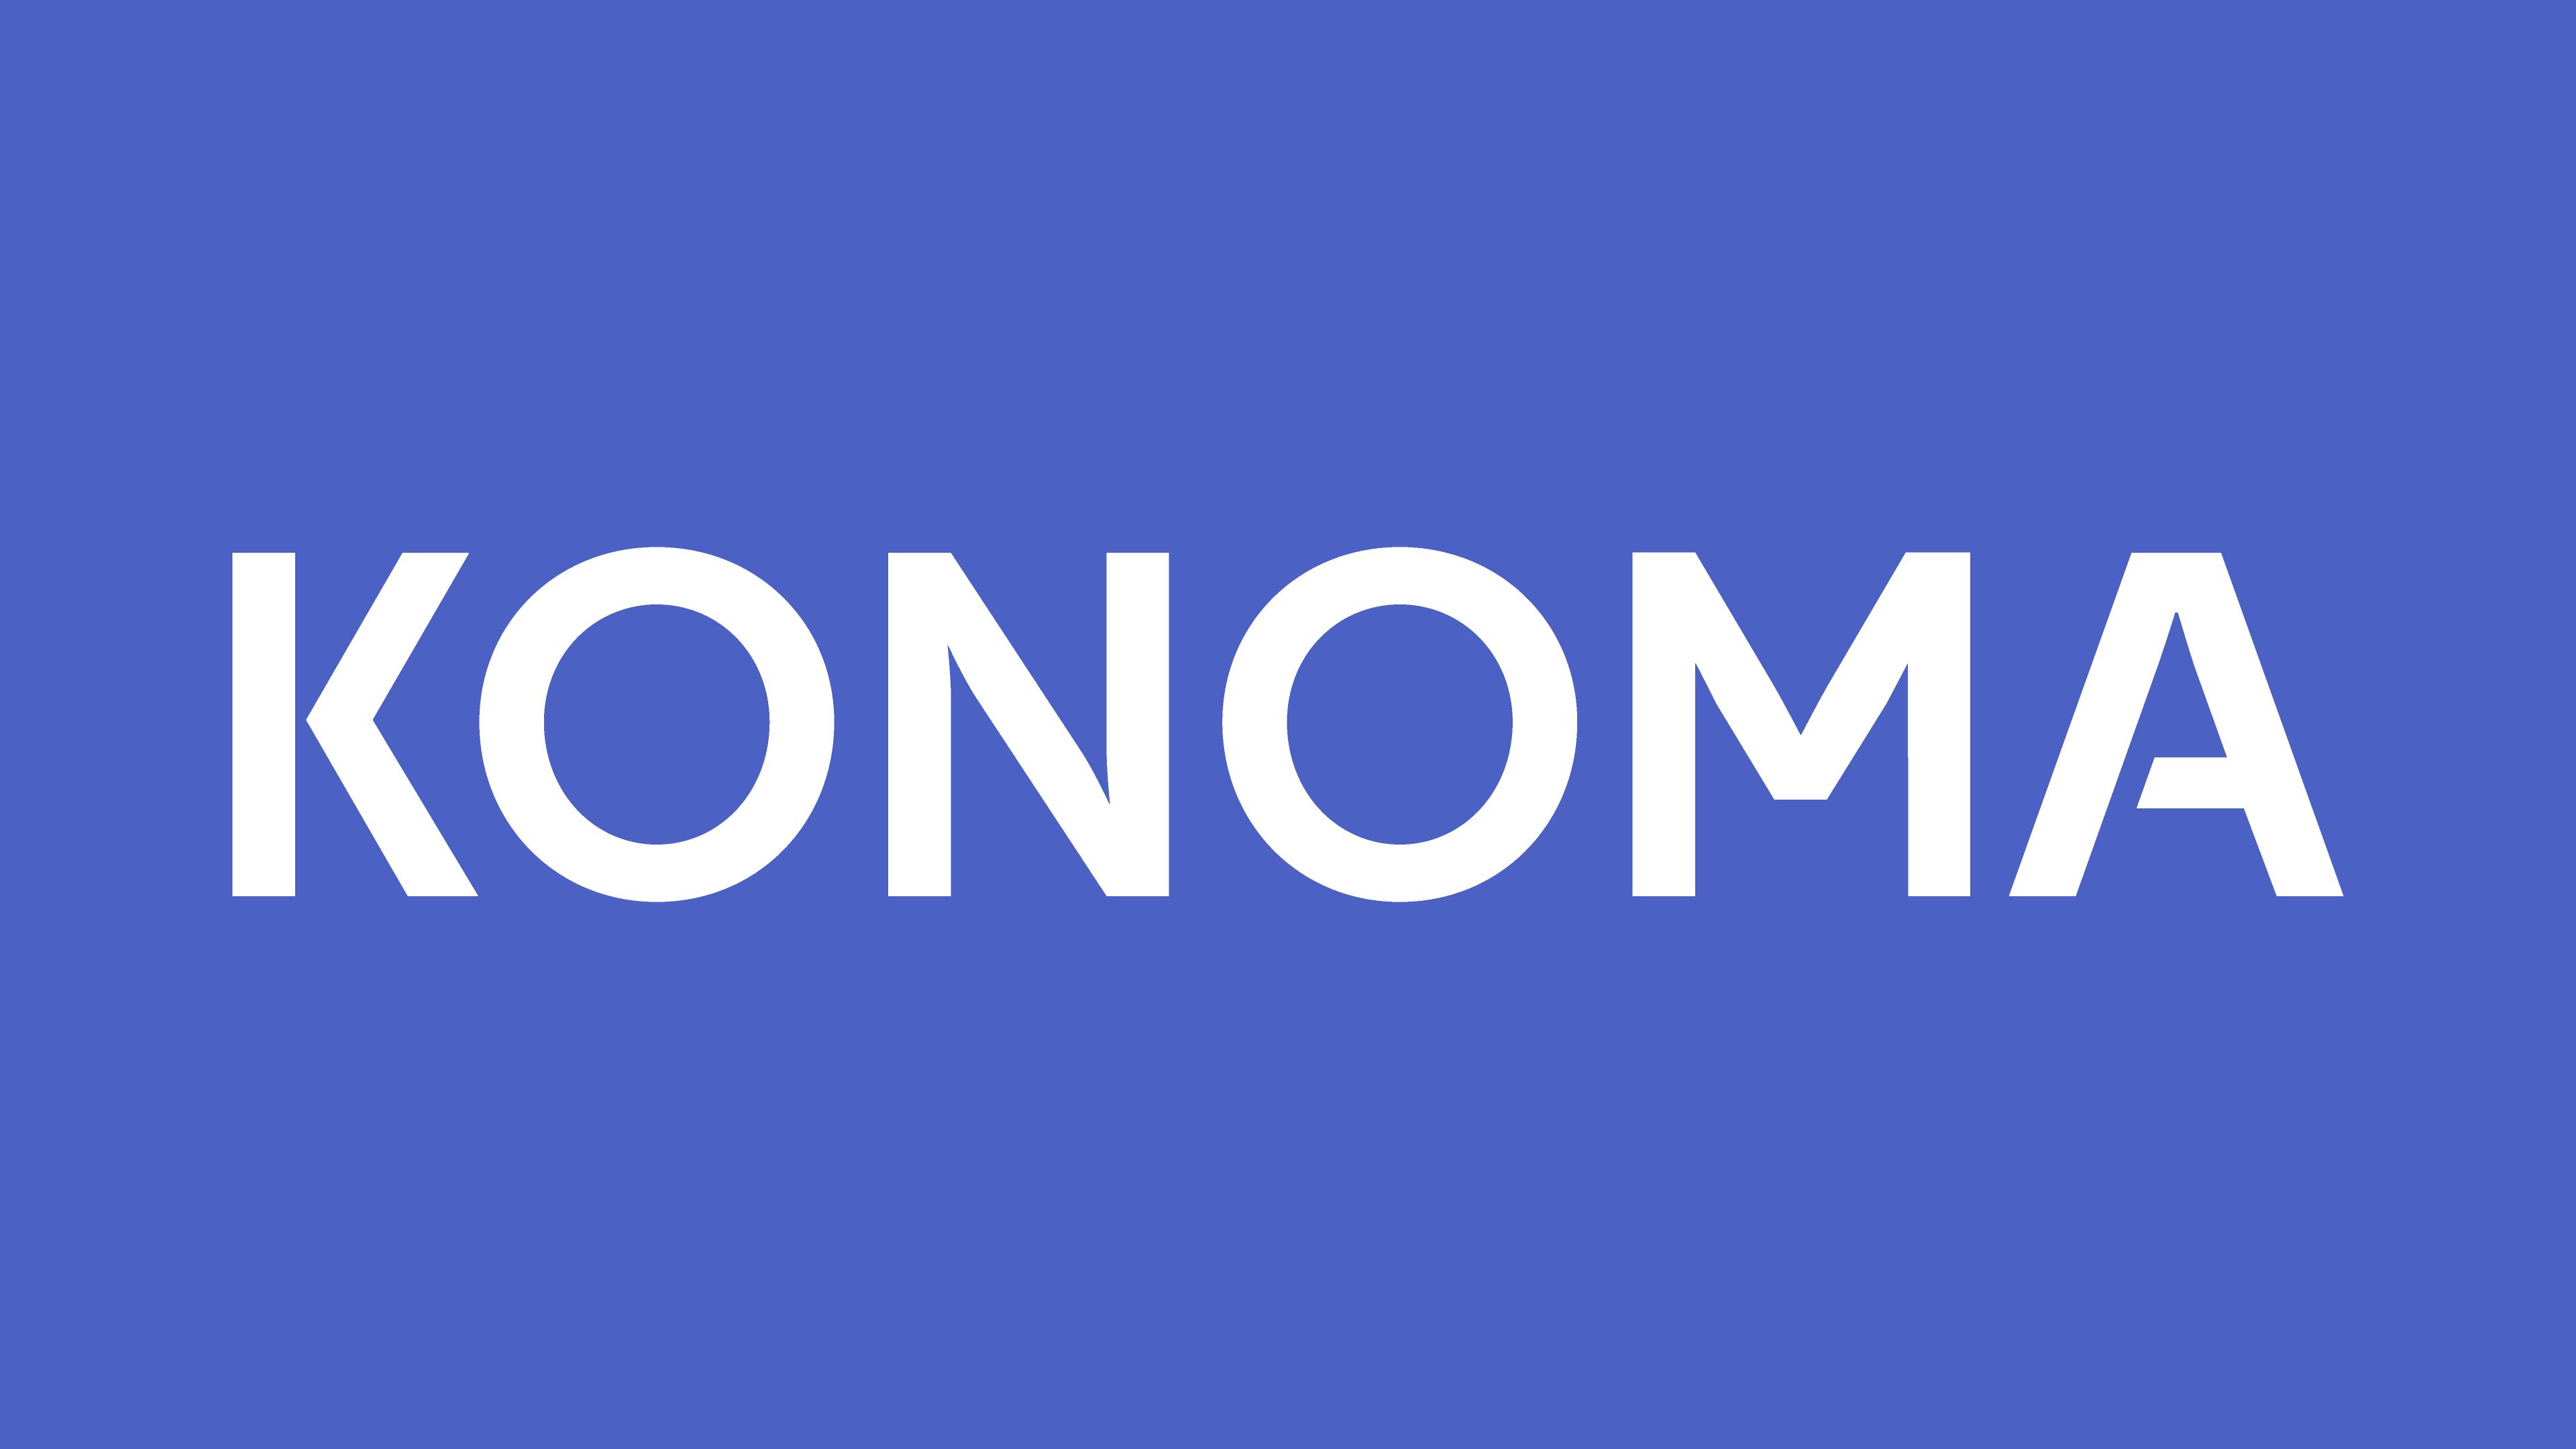 Konoma